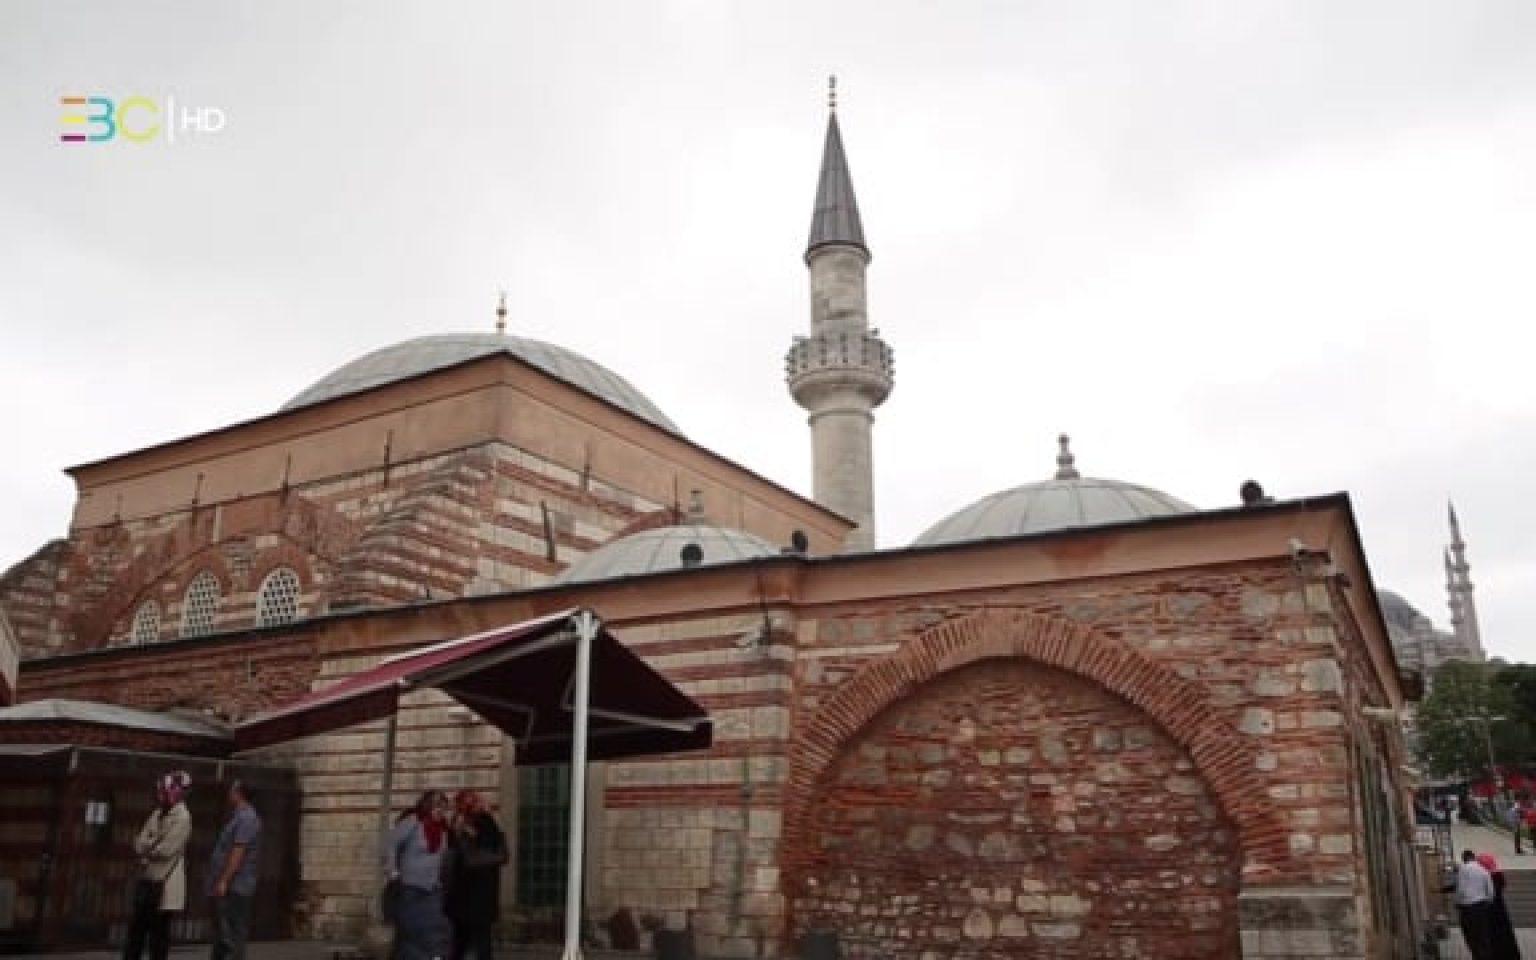 Ahiçelebi Mosque